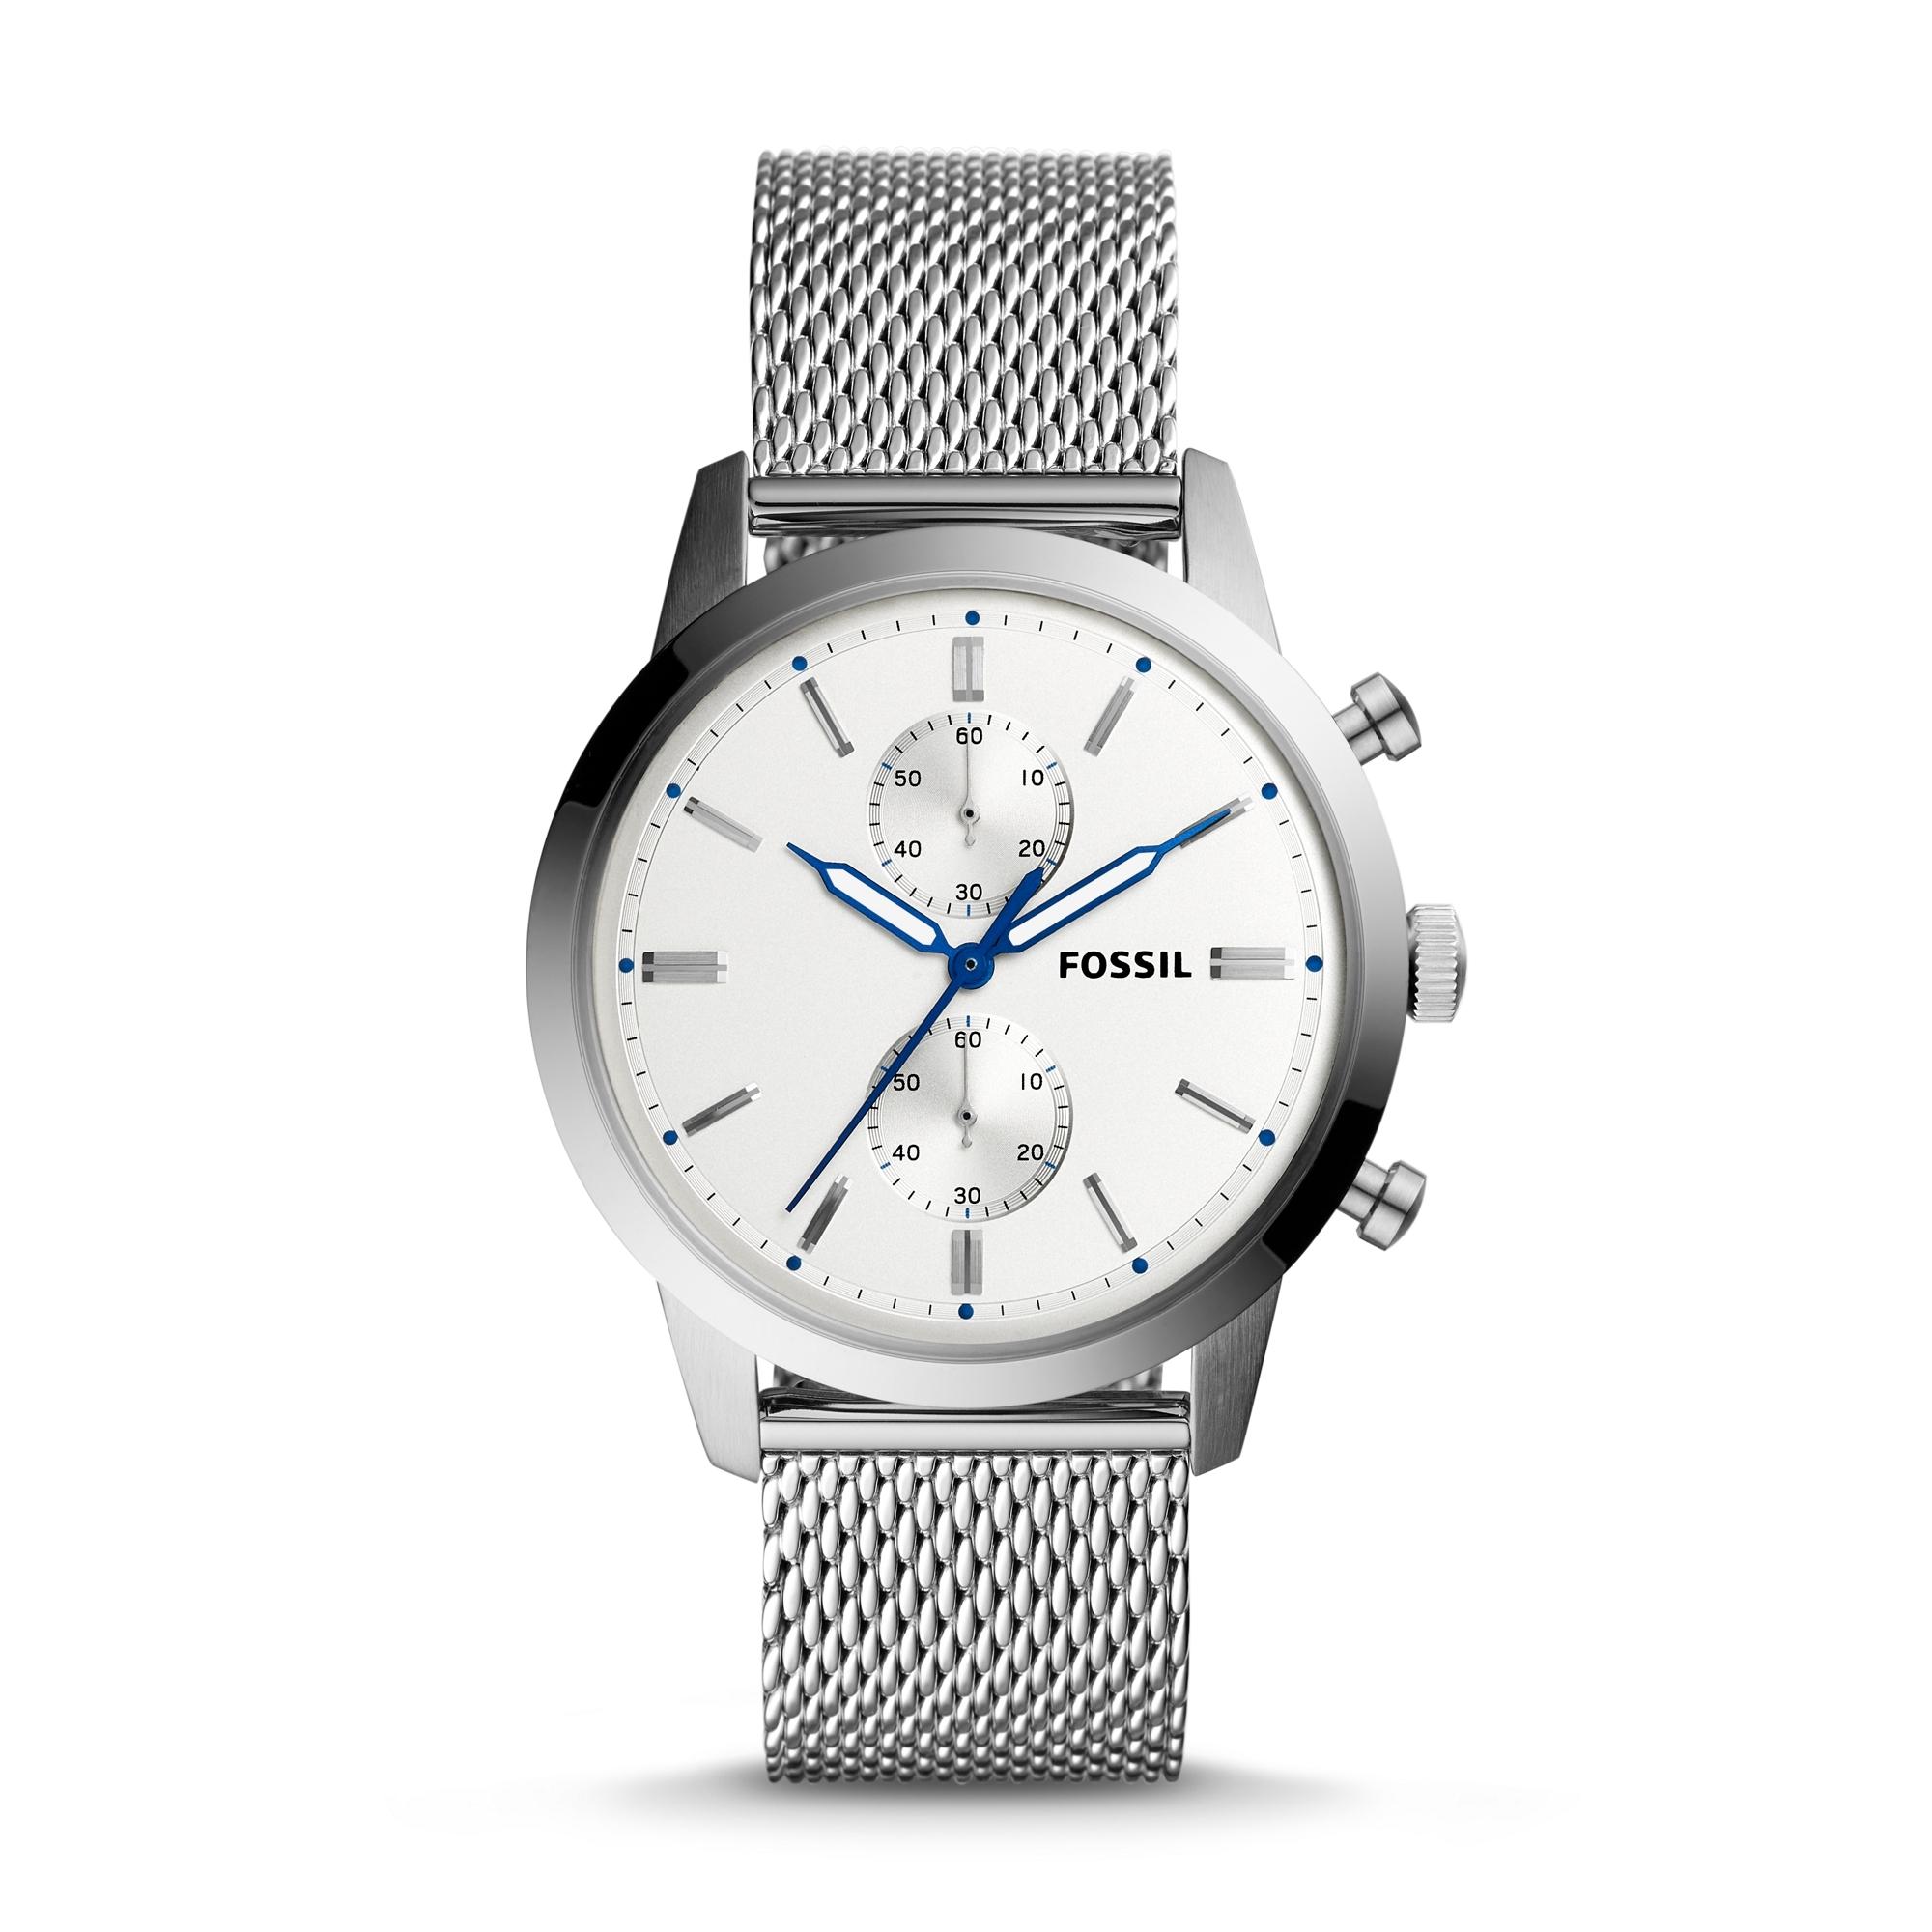 d6d5da94 FOSSIL FS5435 – купить наручные часы, сравнение цен интернет ...